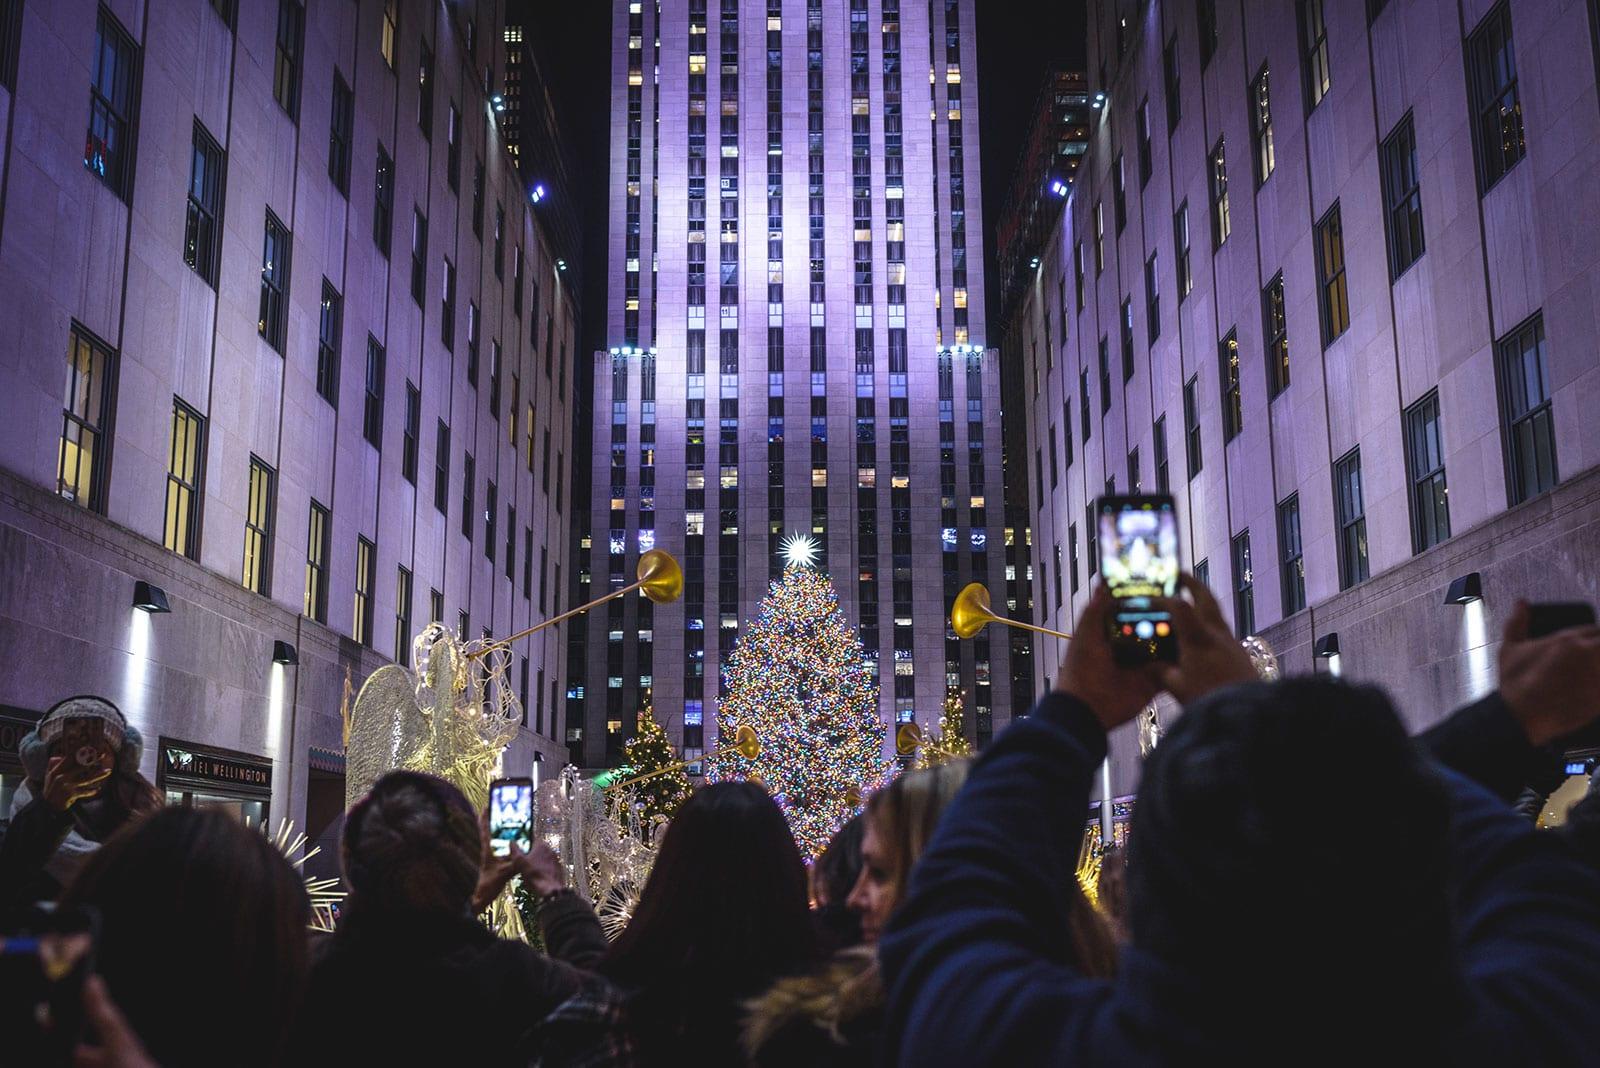 Weihnachtsbaum am rockefeller center in new york